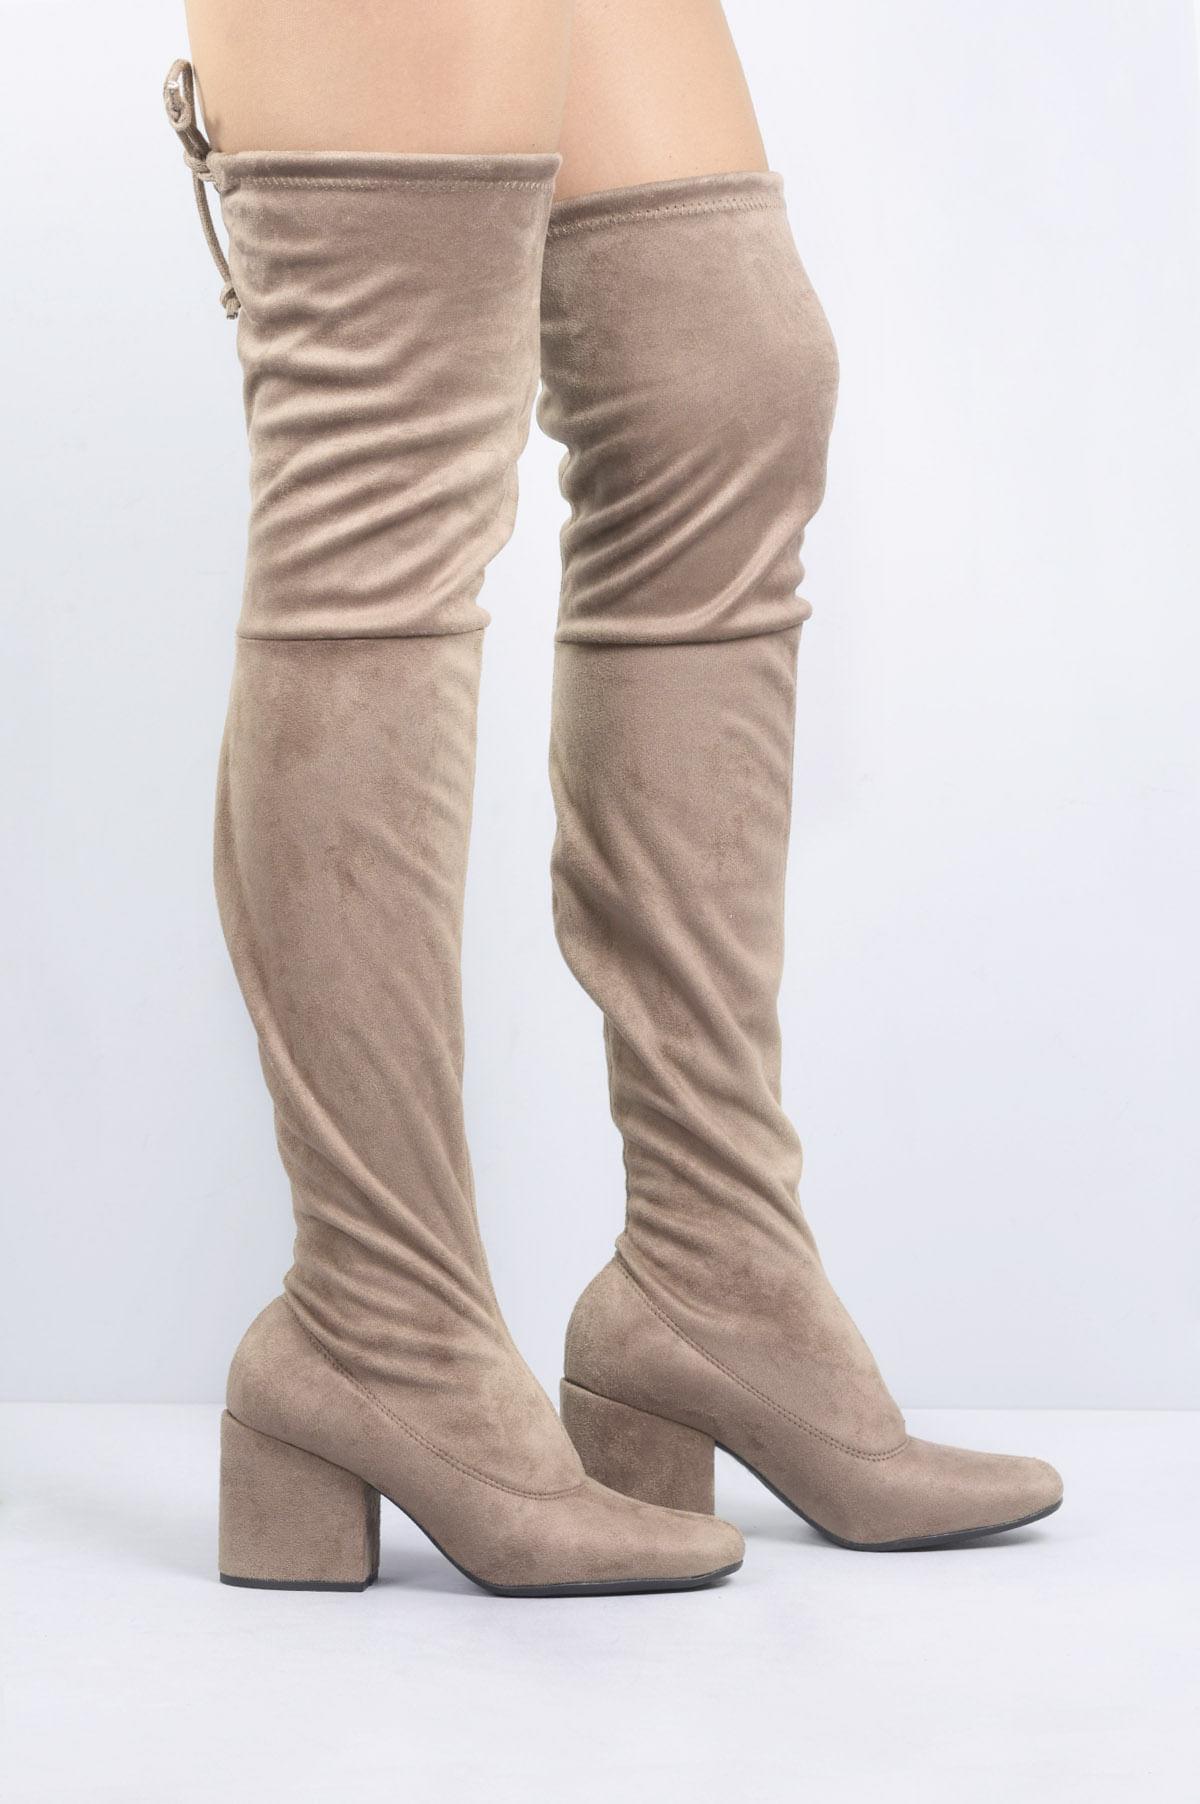 ac2d51826af Bota Feminina Salto Alto Blair Mundial CAMURÇA CINZA - Mundial Calçados